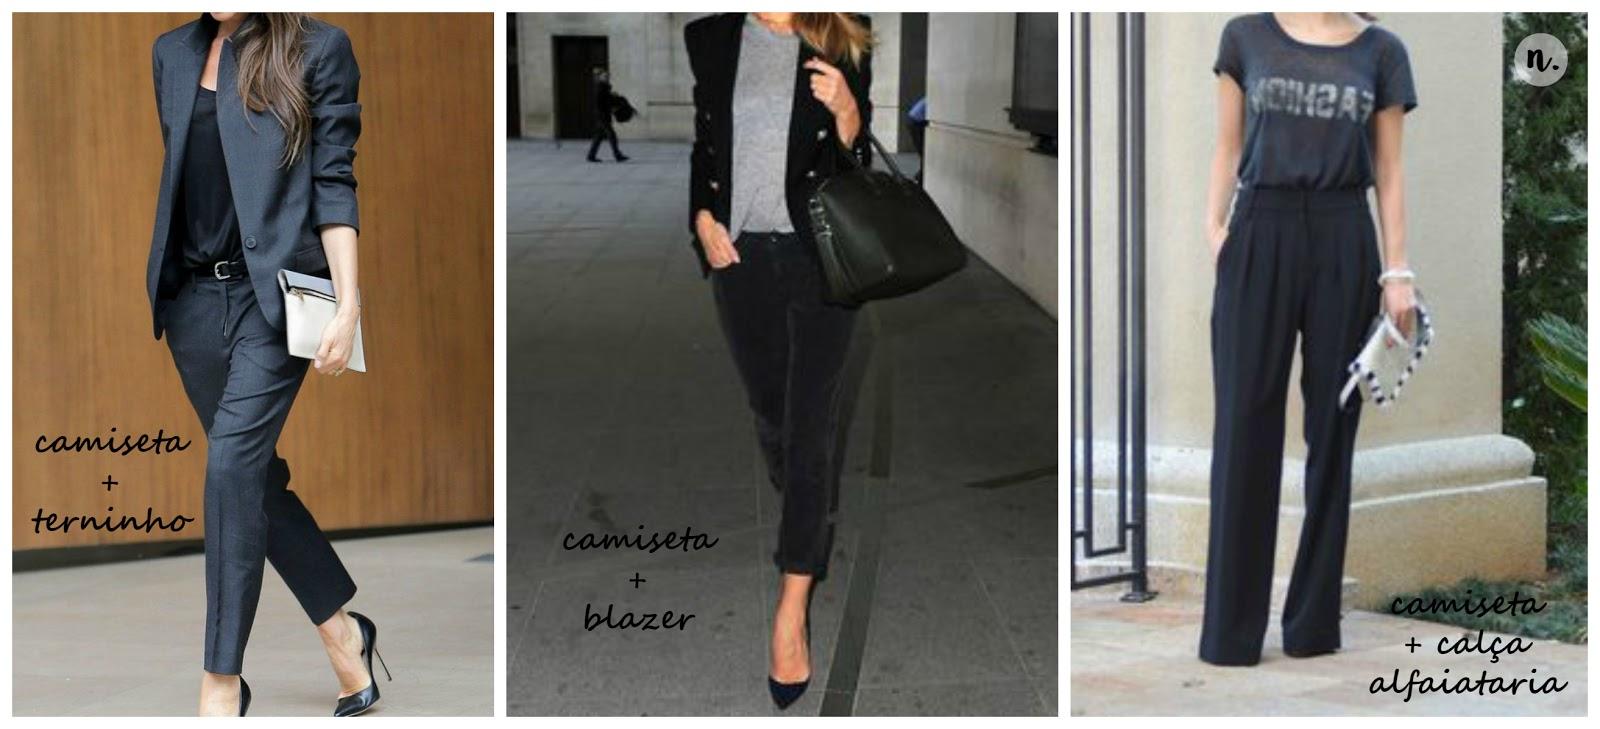 camiseta terninho terno feminino clássico formal sofisticado alfaiataria jeans e camiseta blazer e camiseta